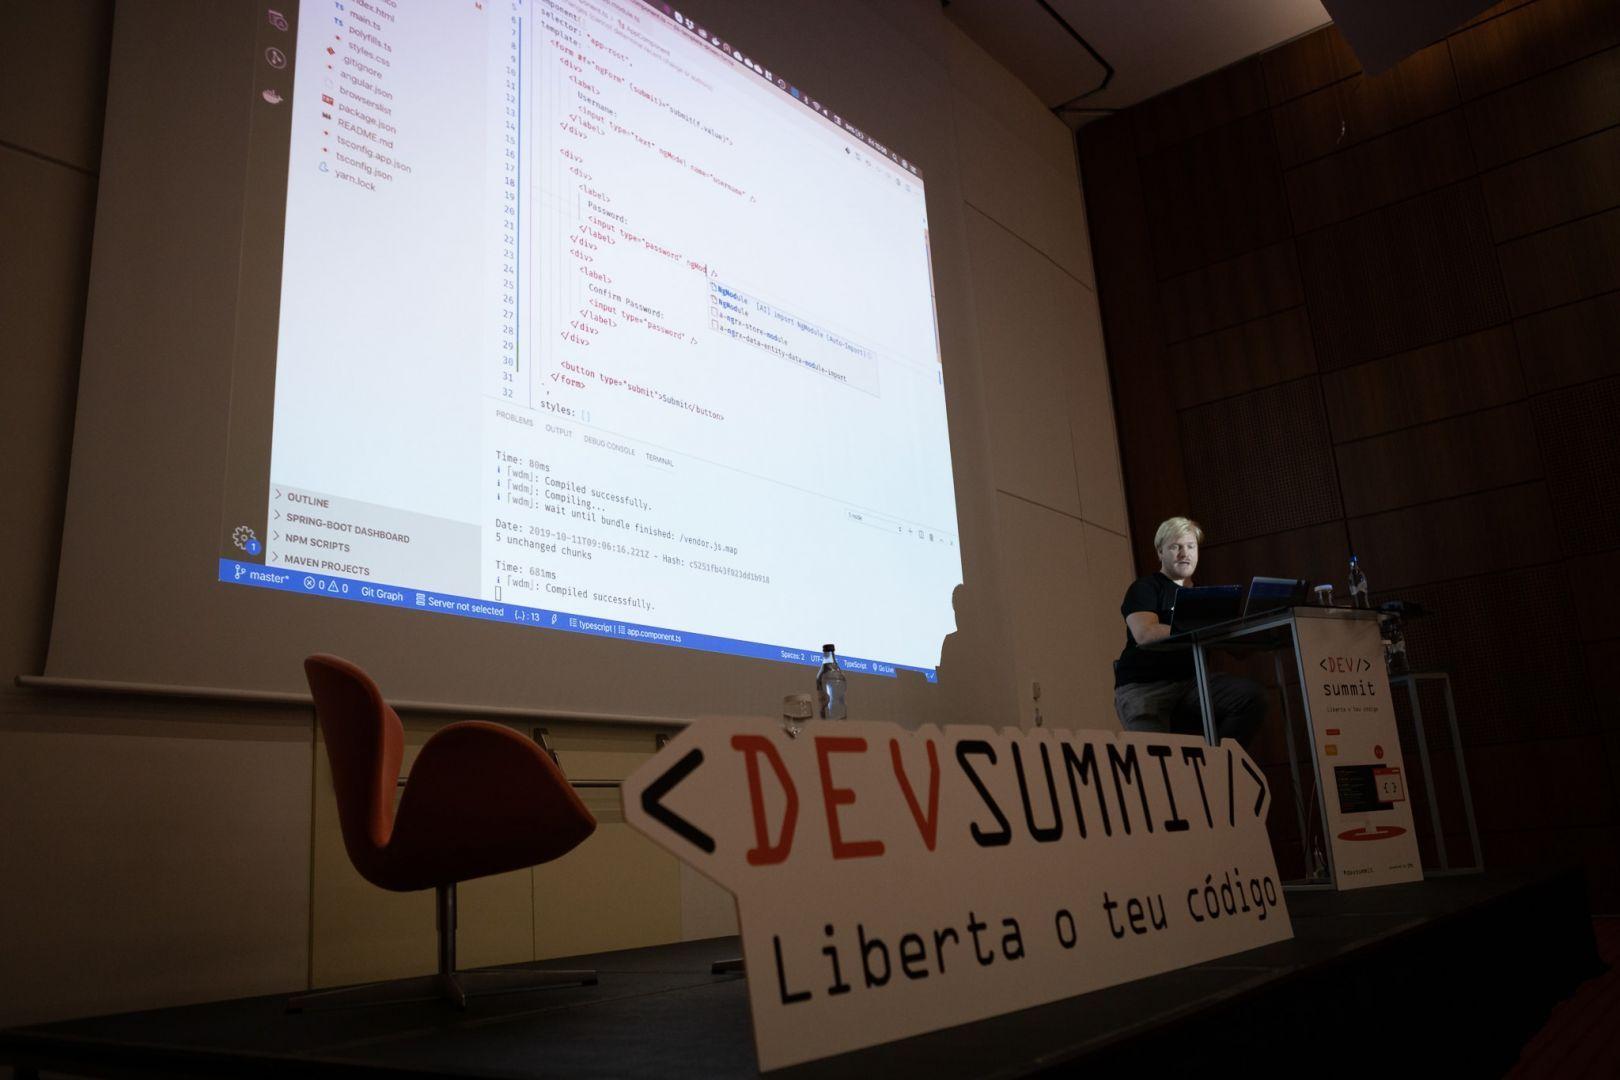 Sessão da DevSummit